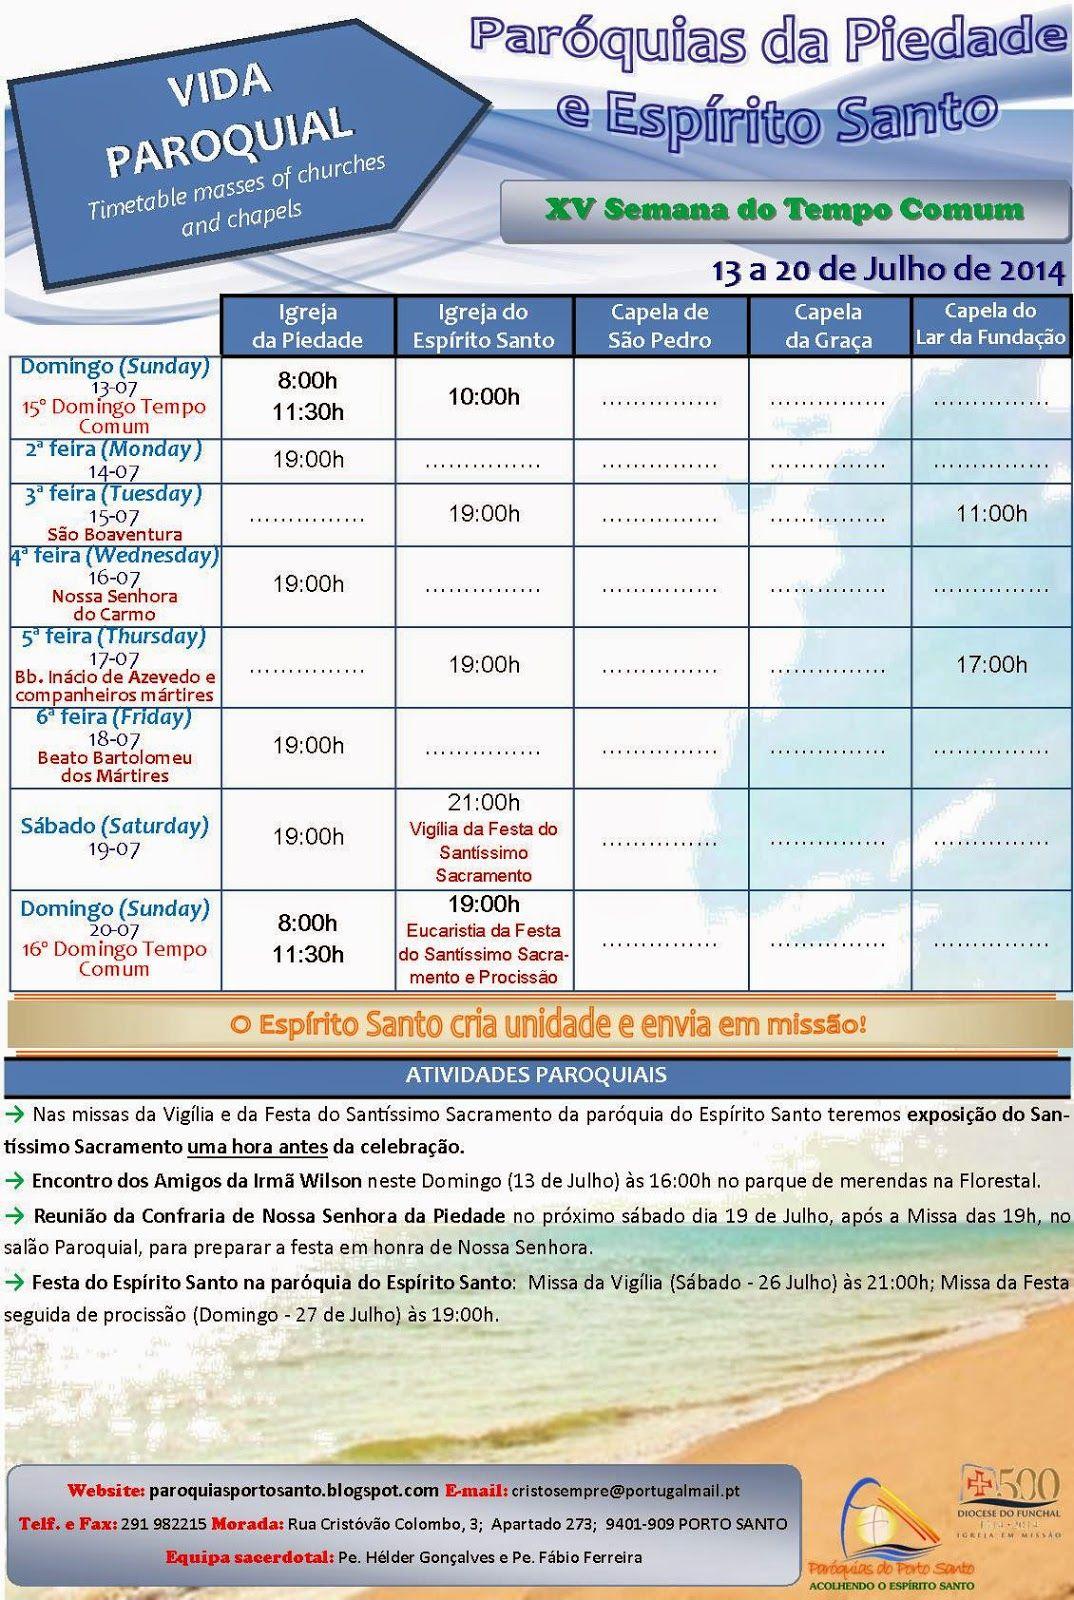 PARÓQUIAS DO PORTO SANTO: Horário das Paróquias 13 a 20 de Julho de 2014